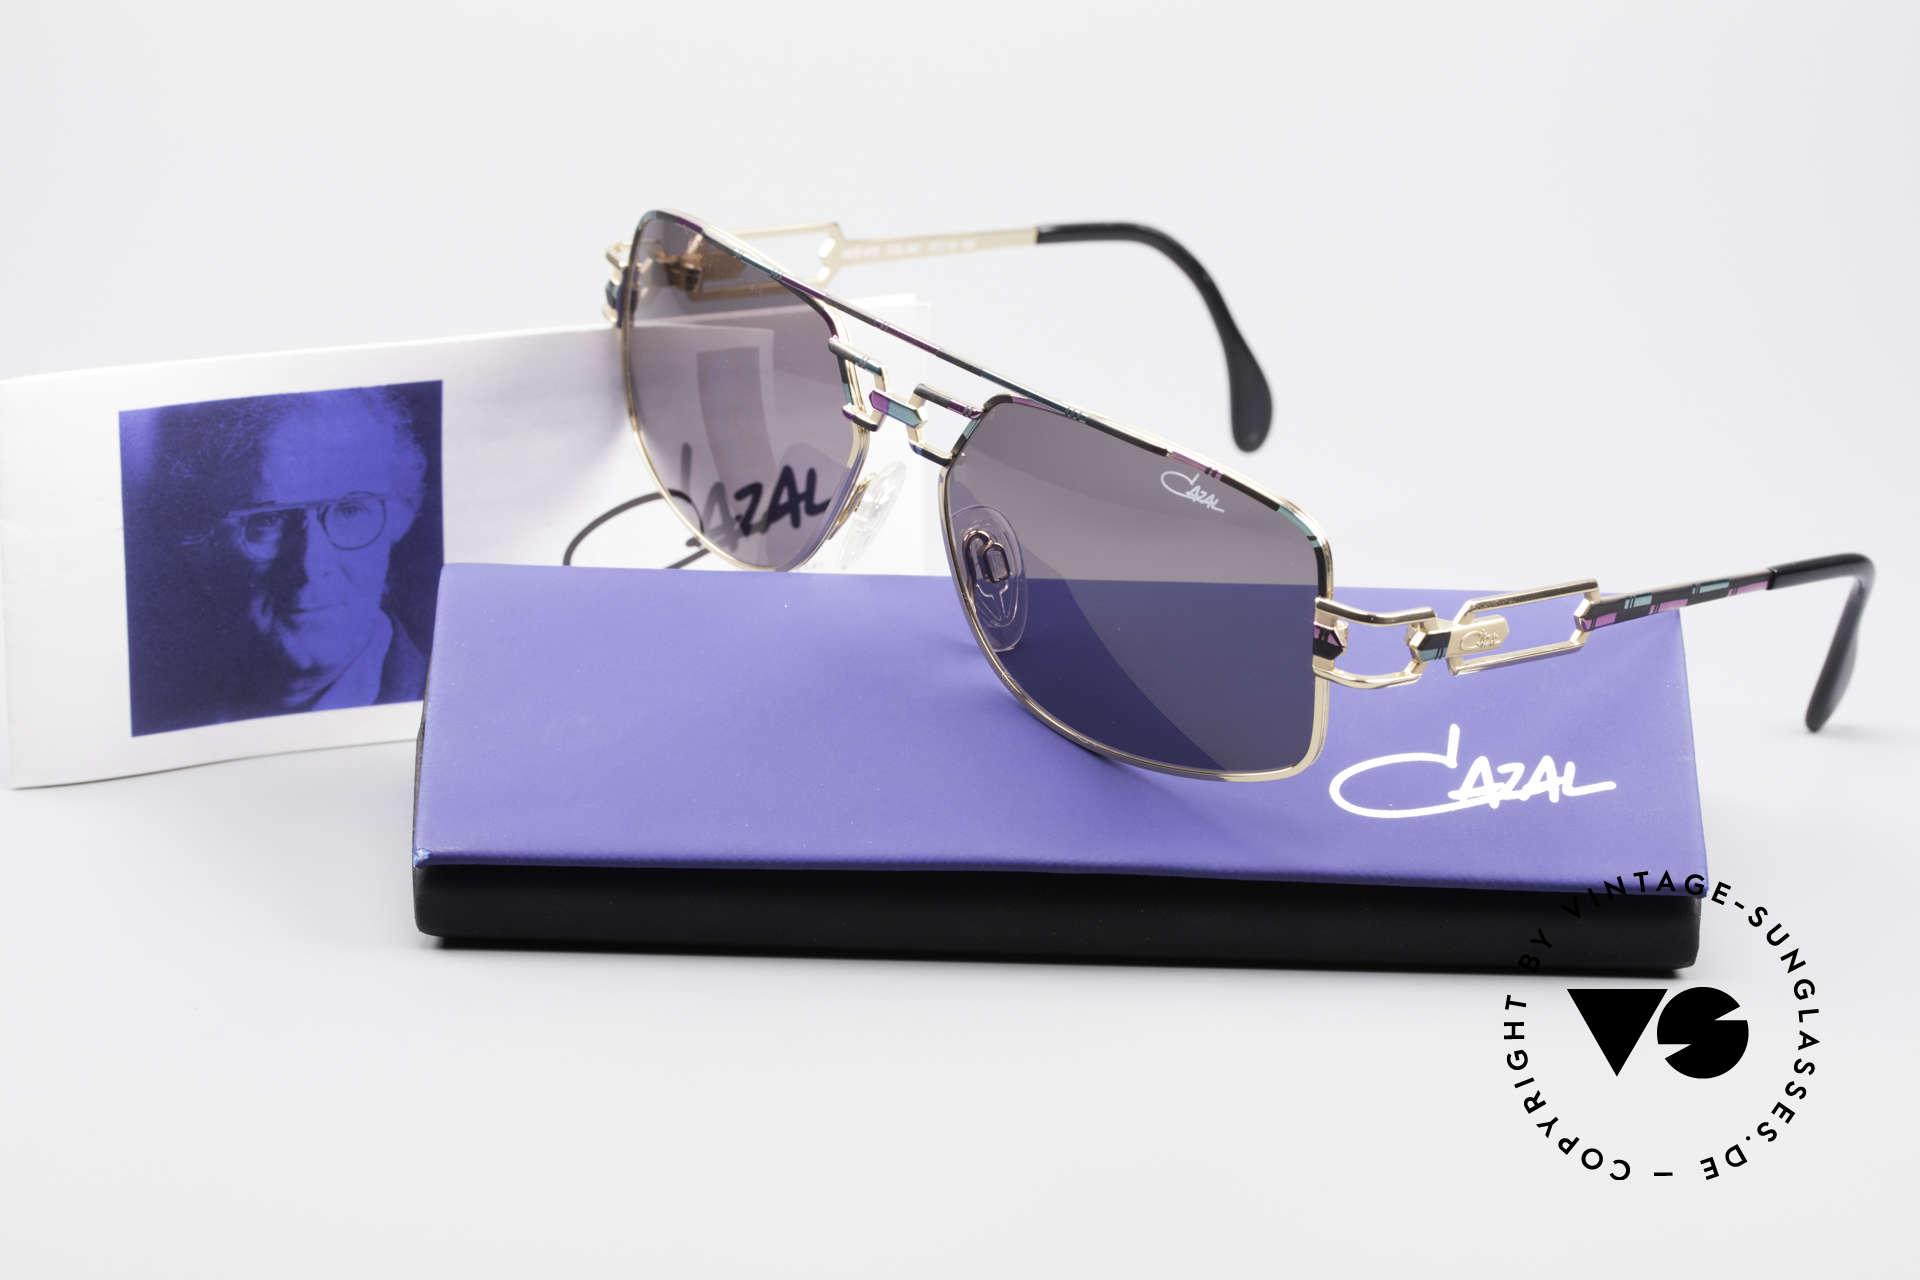 Cazal 972 No Retro Brille True Vintage, graue orig. CAZAL Sonnengläser für 100% UV Protection, Passend für Herren und Damen